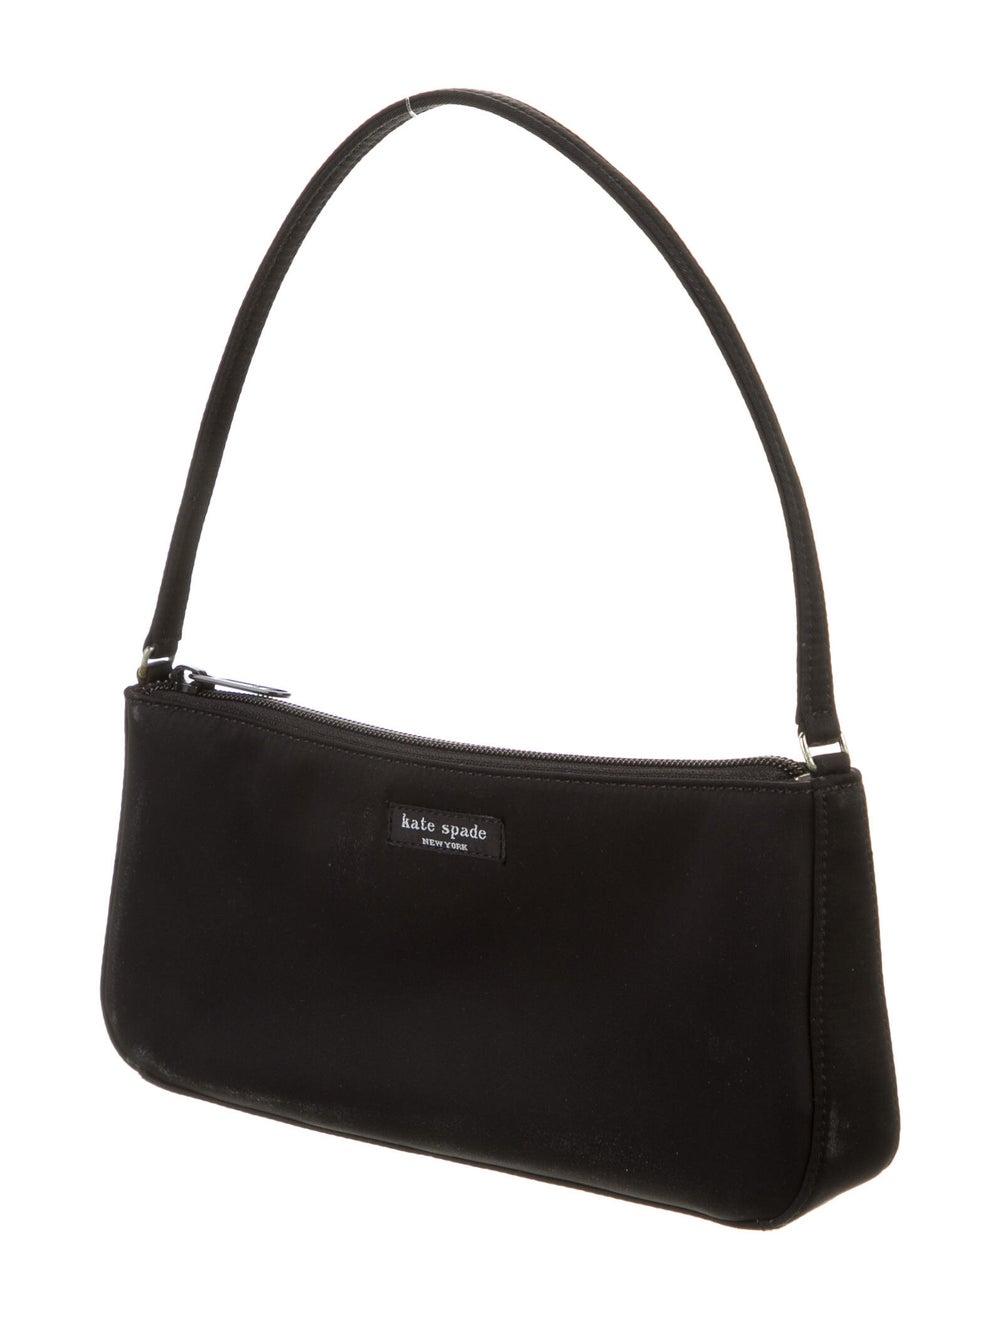 Kate Spade New York Nylon Shoulder Bag Black - image 3